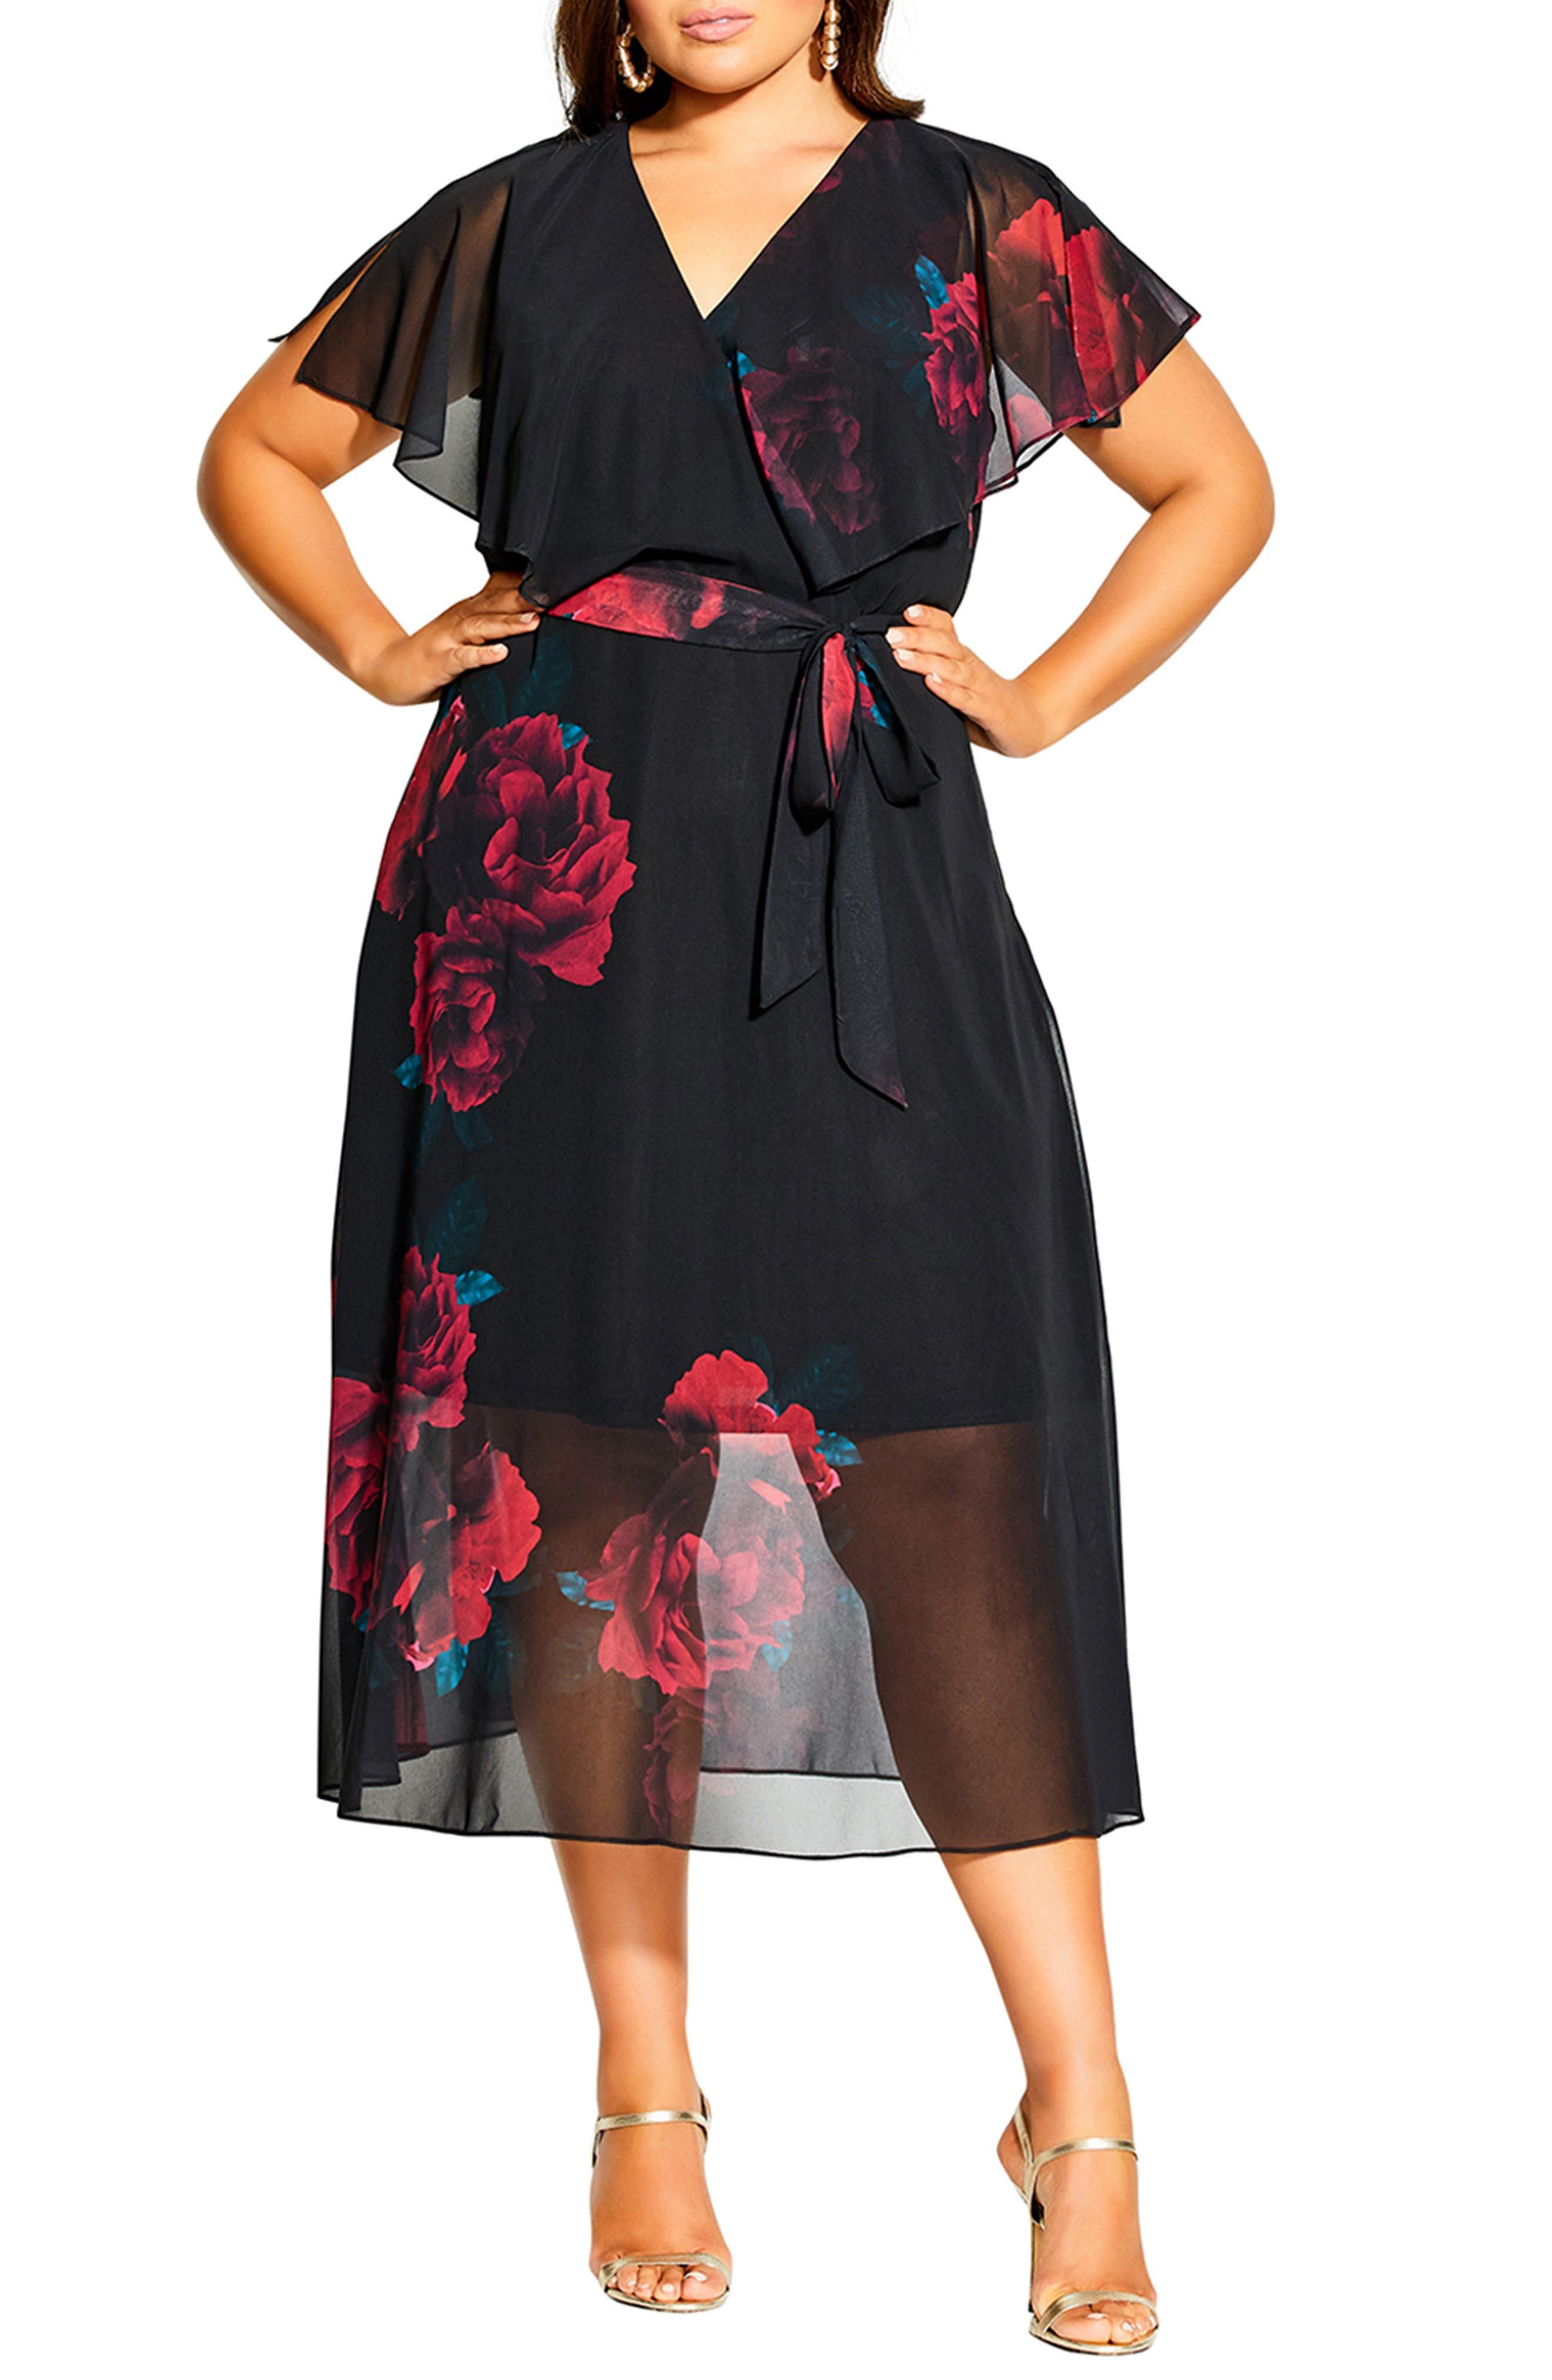 Romance Floral A-Line Dress